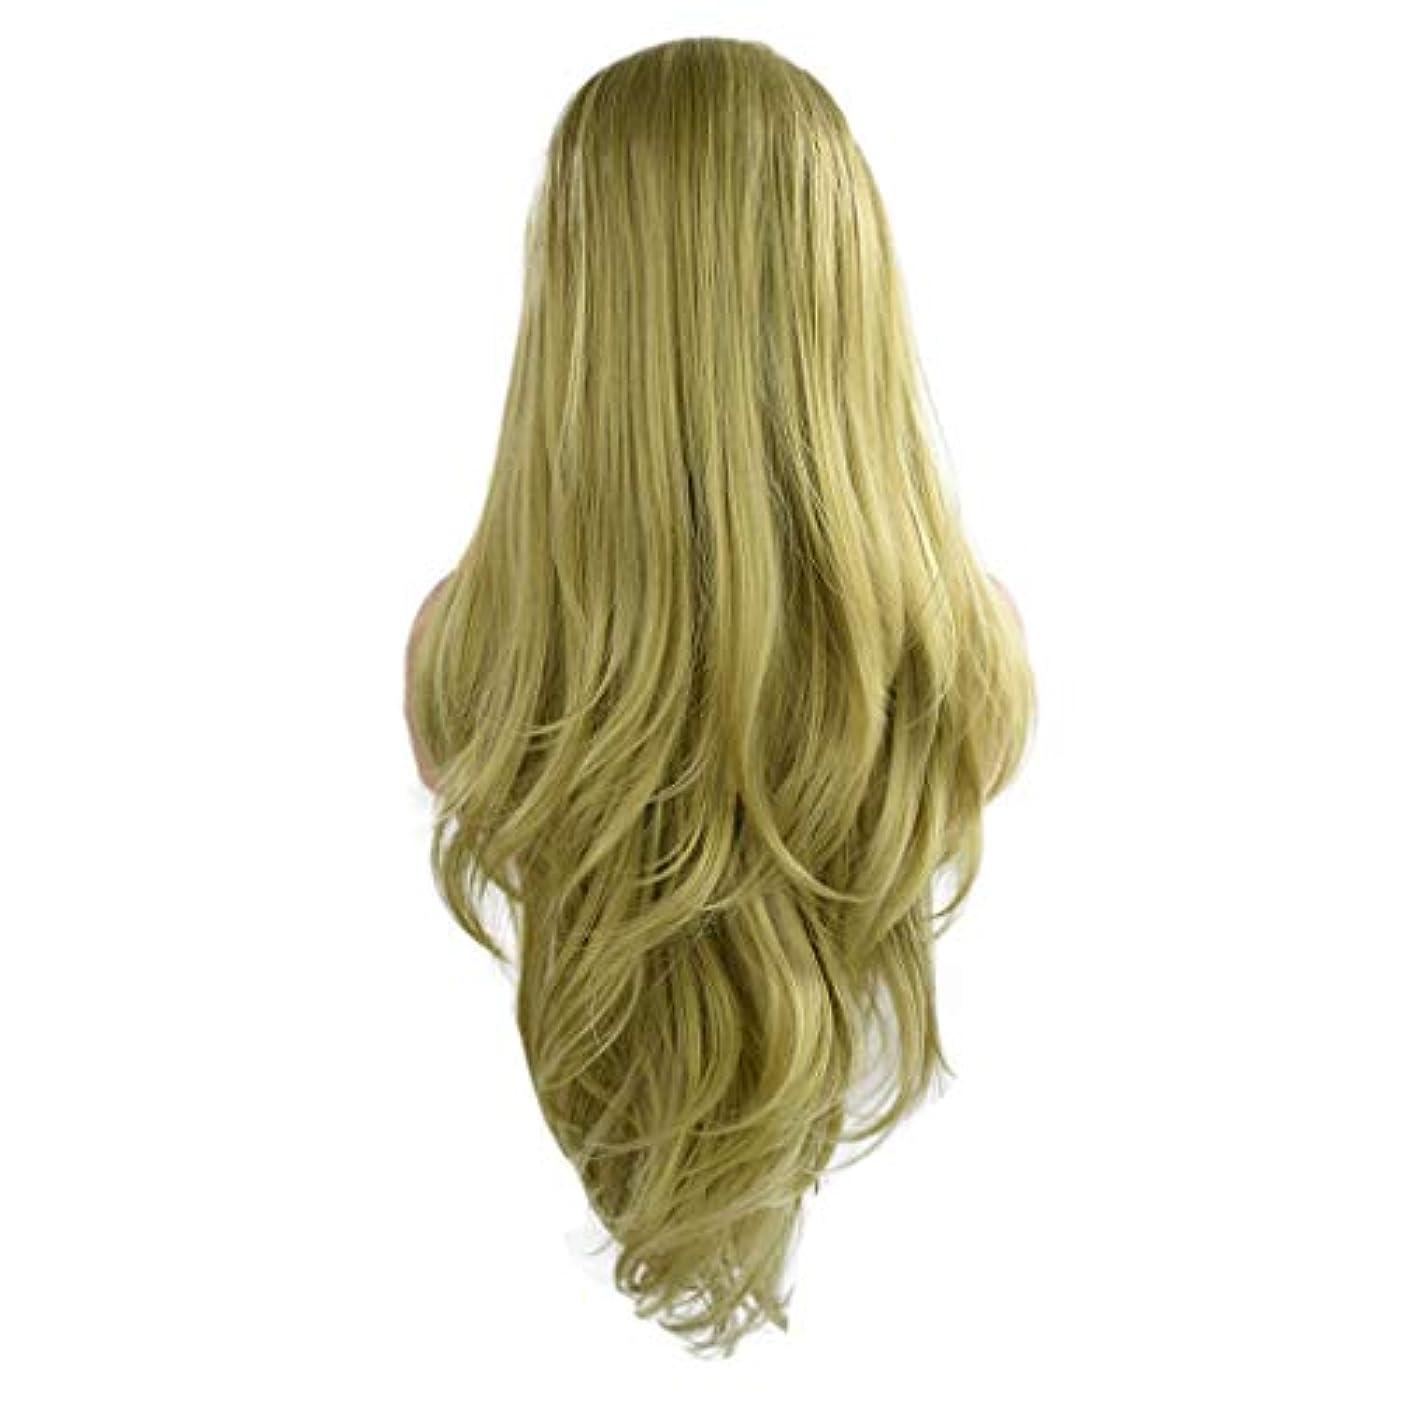 仮装きしむなす女性の緑の長い巻き毛のフロントレースかつらファッションポップかつら24インチかつら